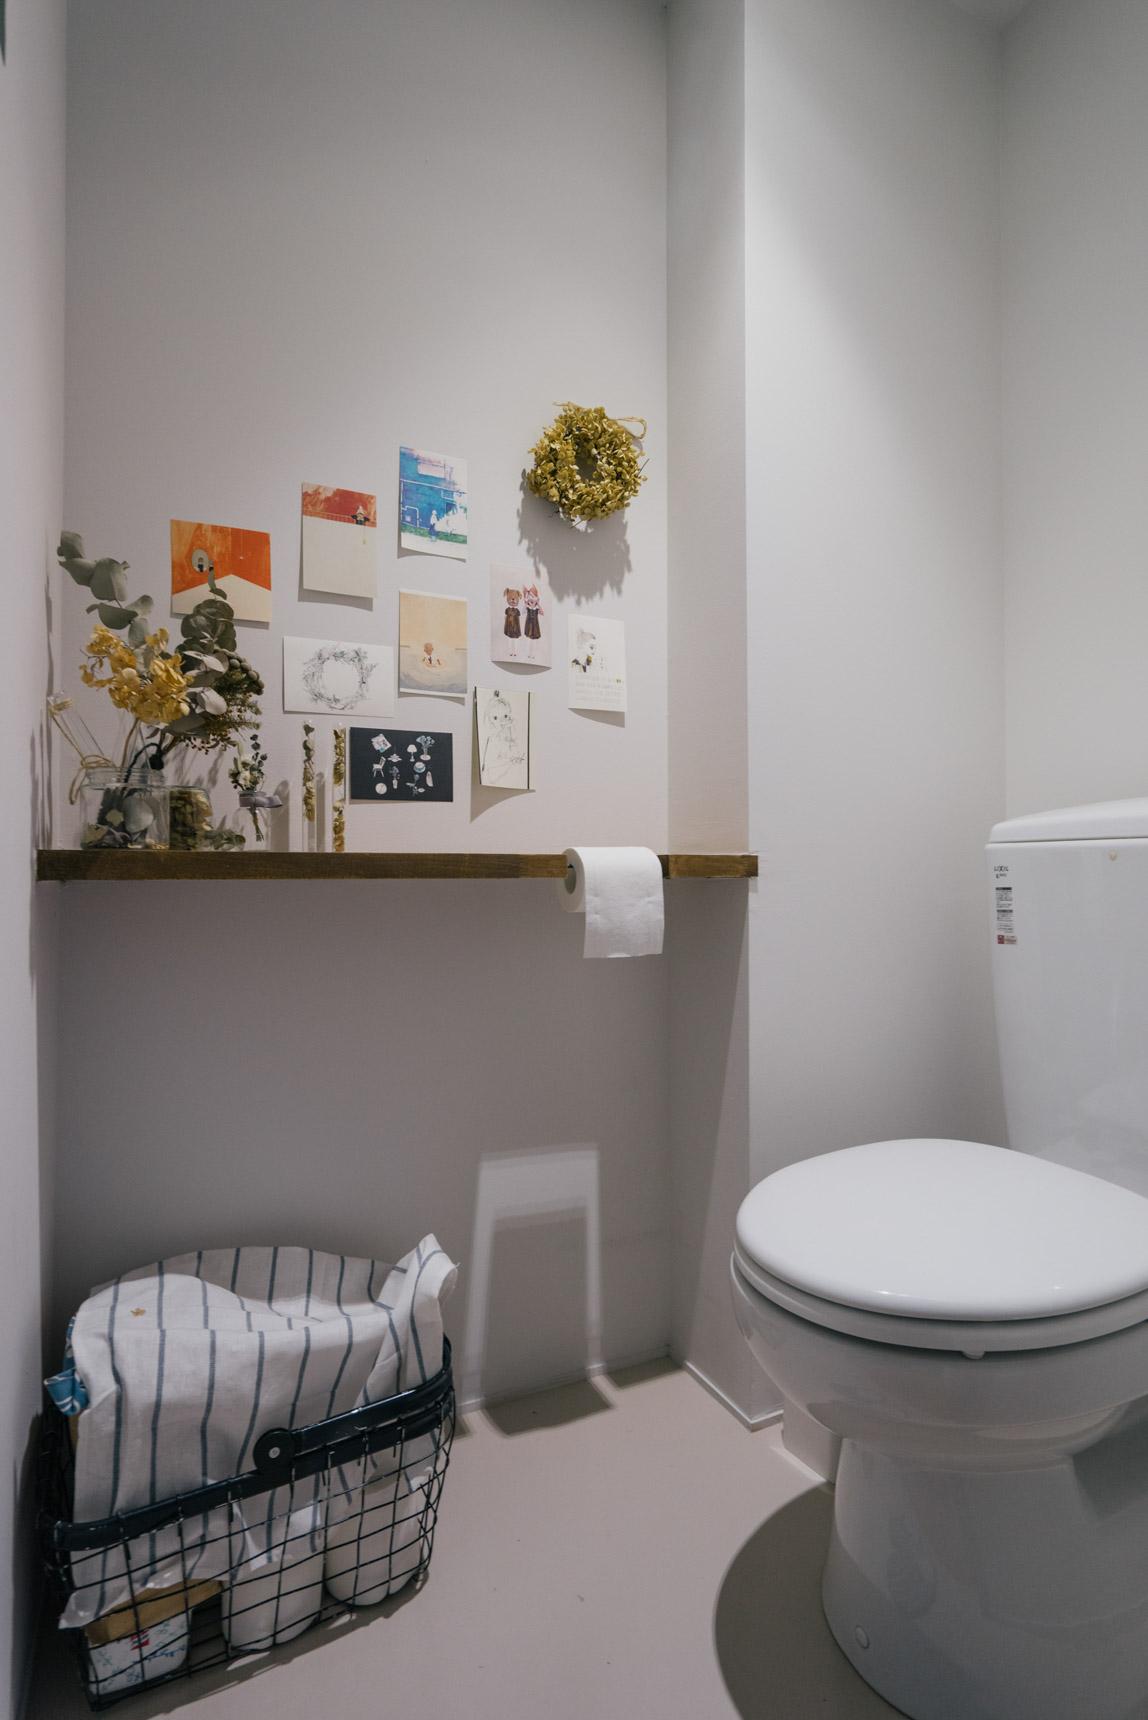 トイレにも、ちょっと飾るスペースがあるのが素敵ですね。